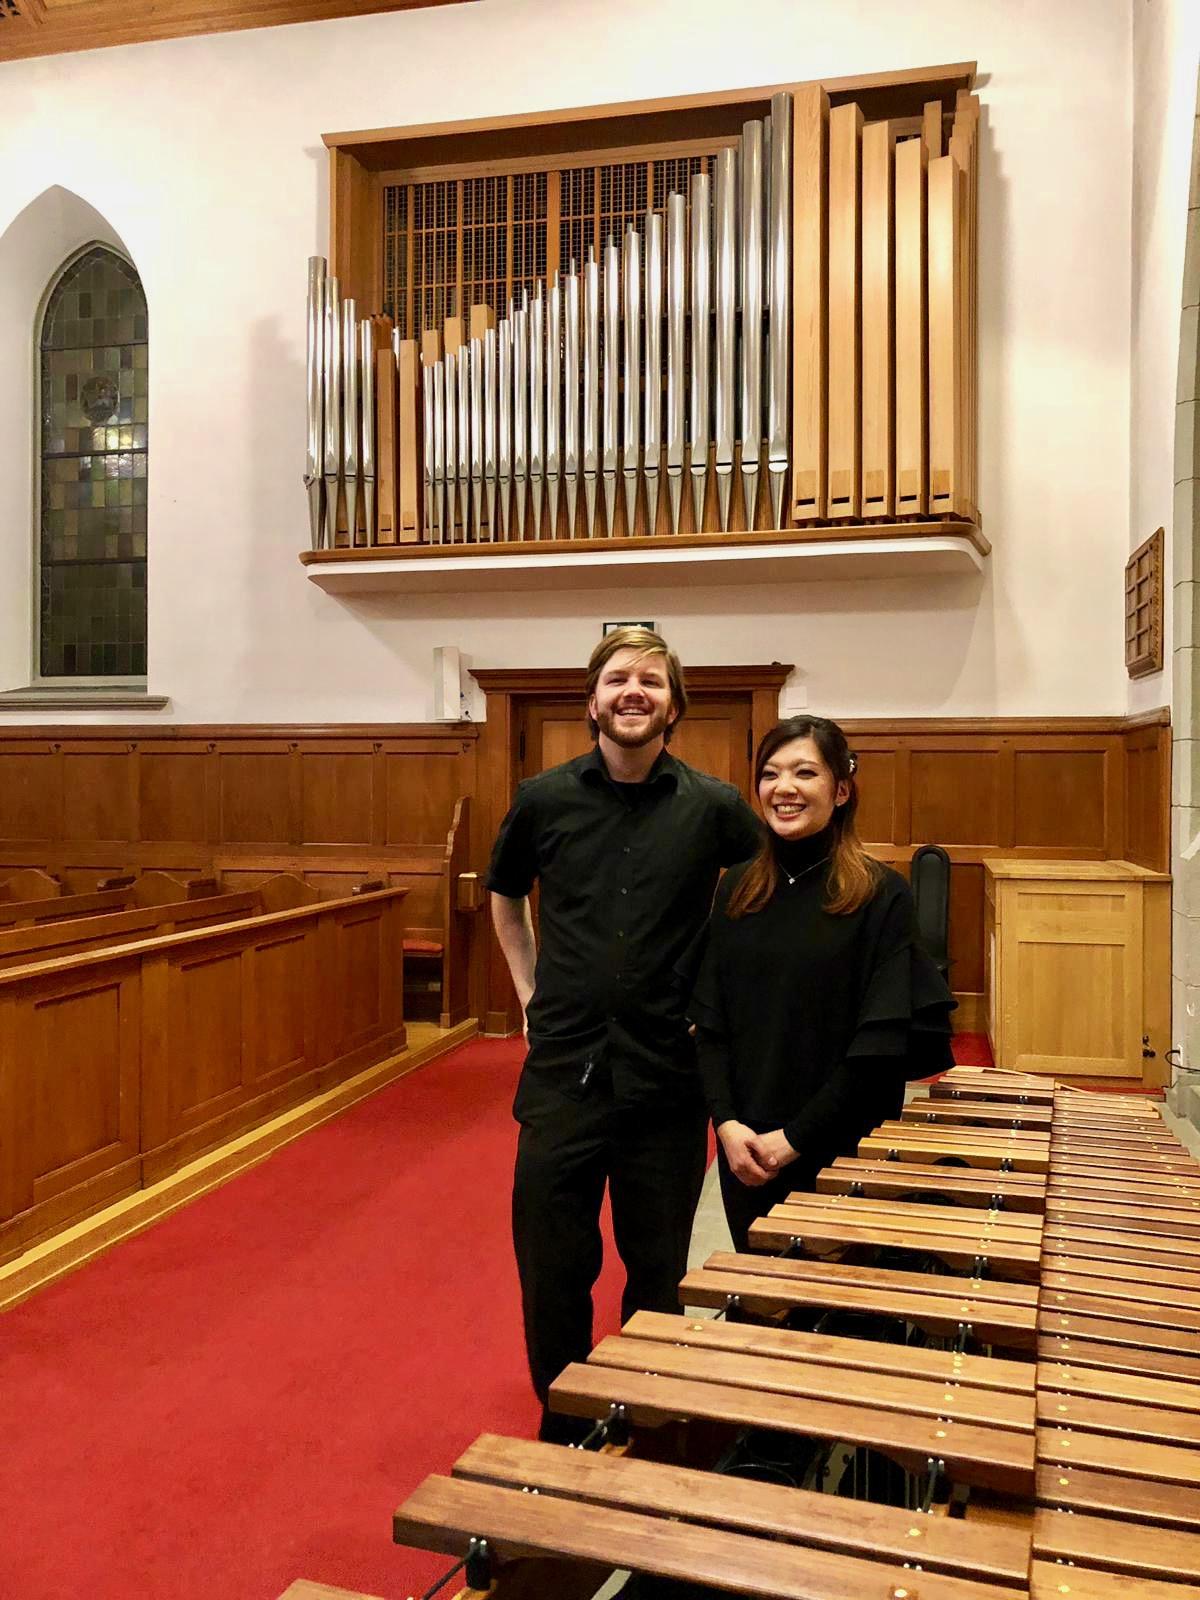 Orgel und Marimba